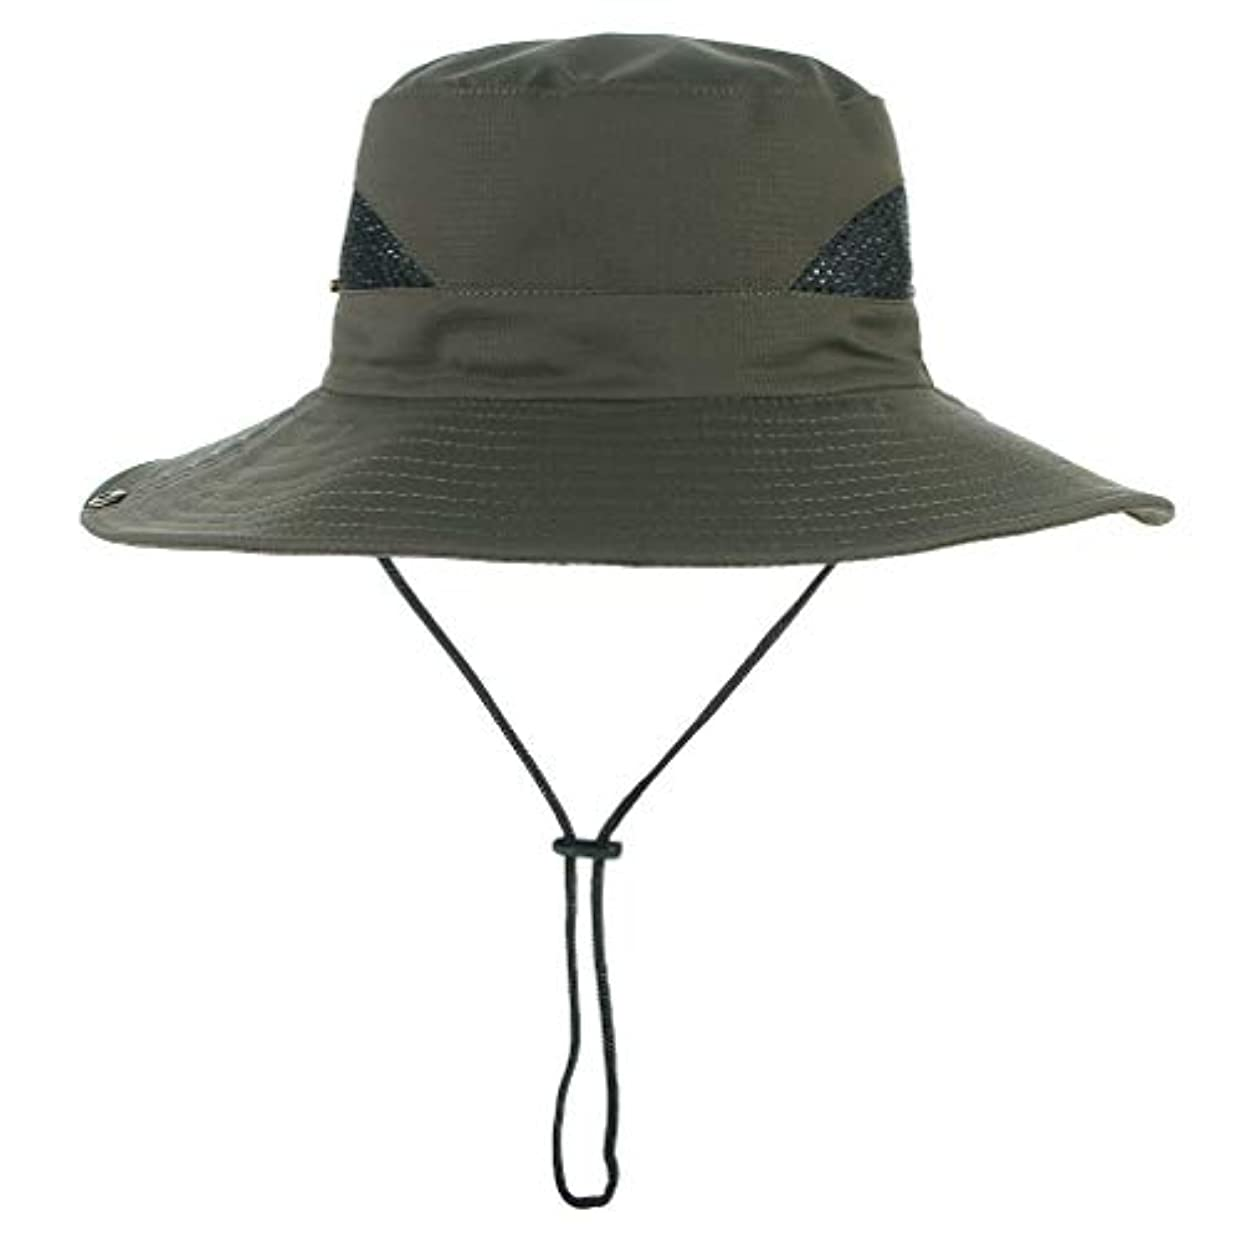 ひどく空気受け入れた[MARRYME] 帽子 アドベンチャーハット サファリハット フィッシャーマンハット メッシュ 通気 つば広 日よけ メンズ レディース アウトドア 釣り ハイキング 登山